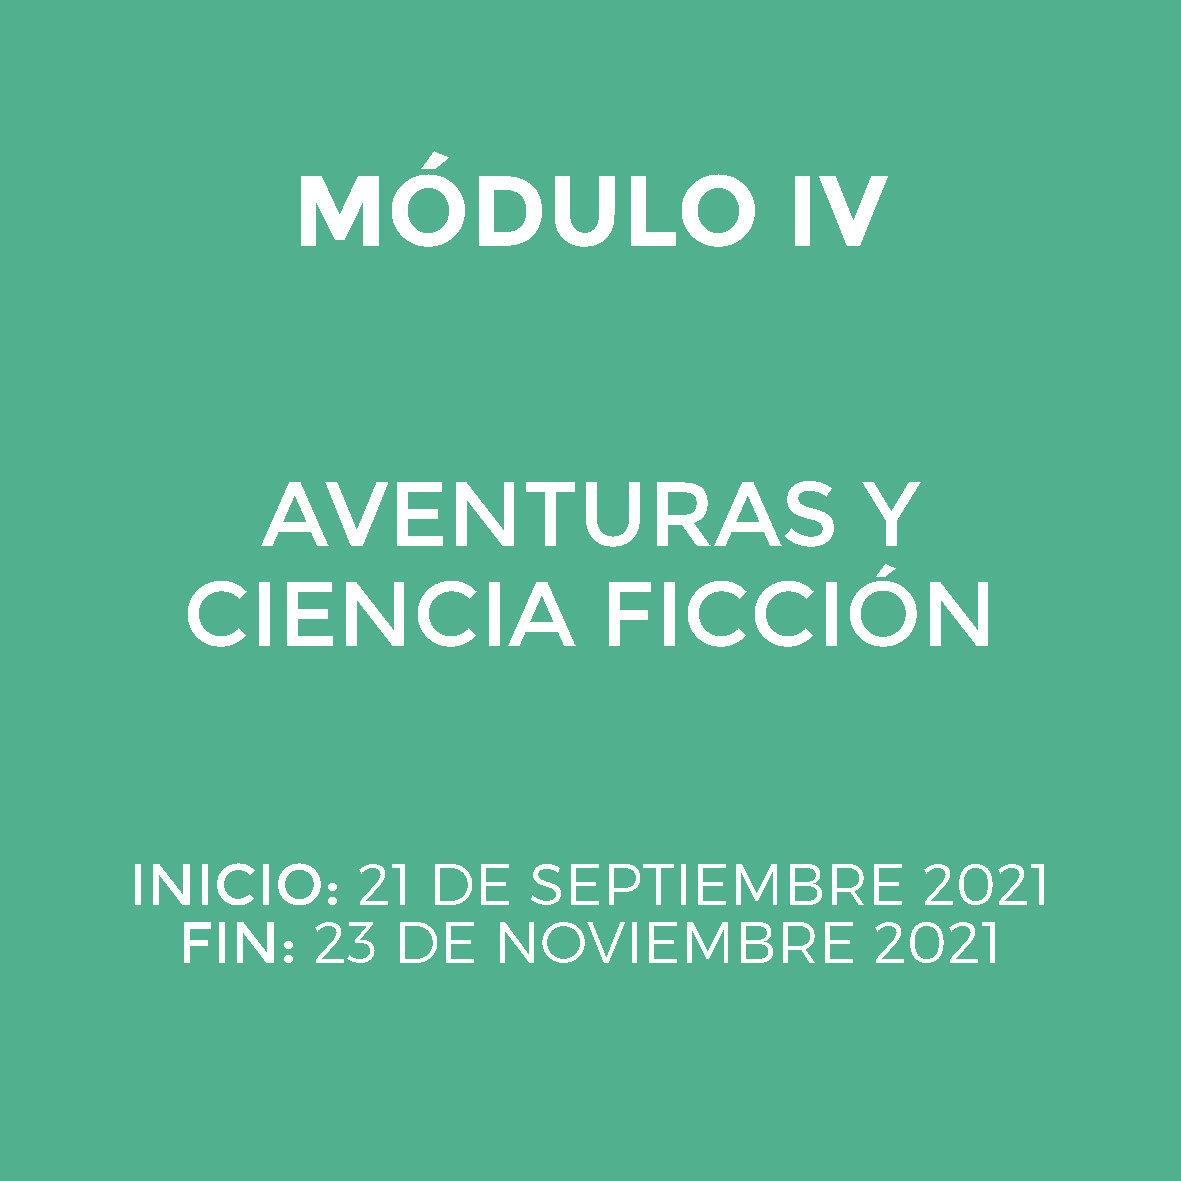 Módulo IV - AVENTURAS Y CIENCIA FICCIÓN